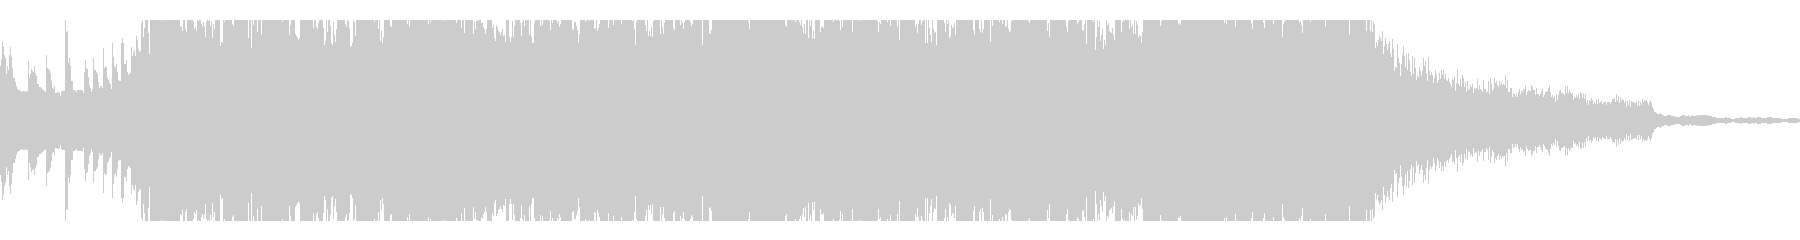 ポップロック レトロ ポジティブ ...の未再生の波形